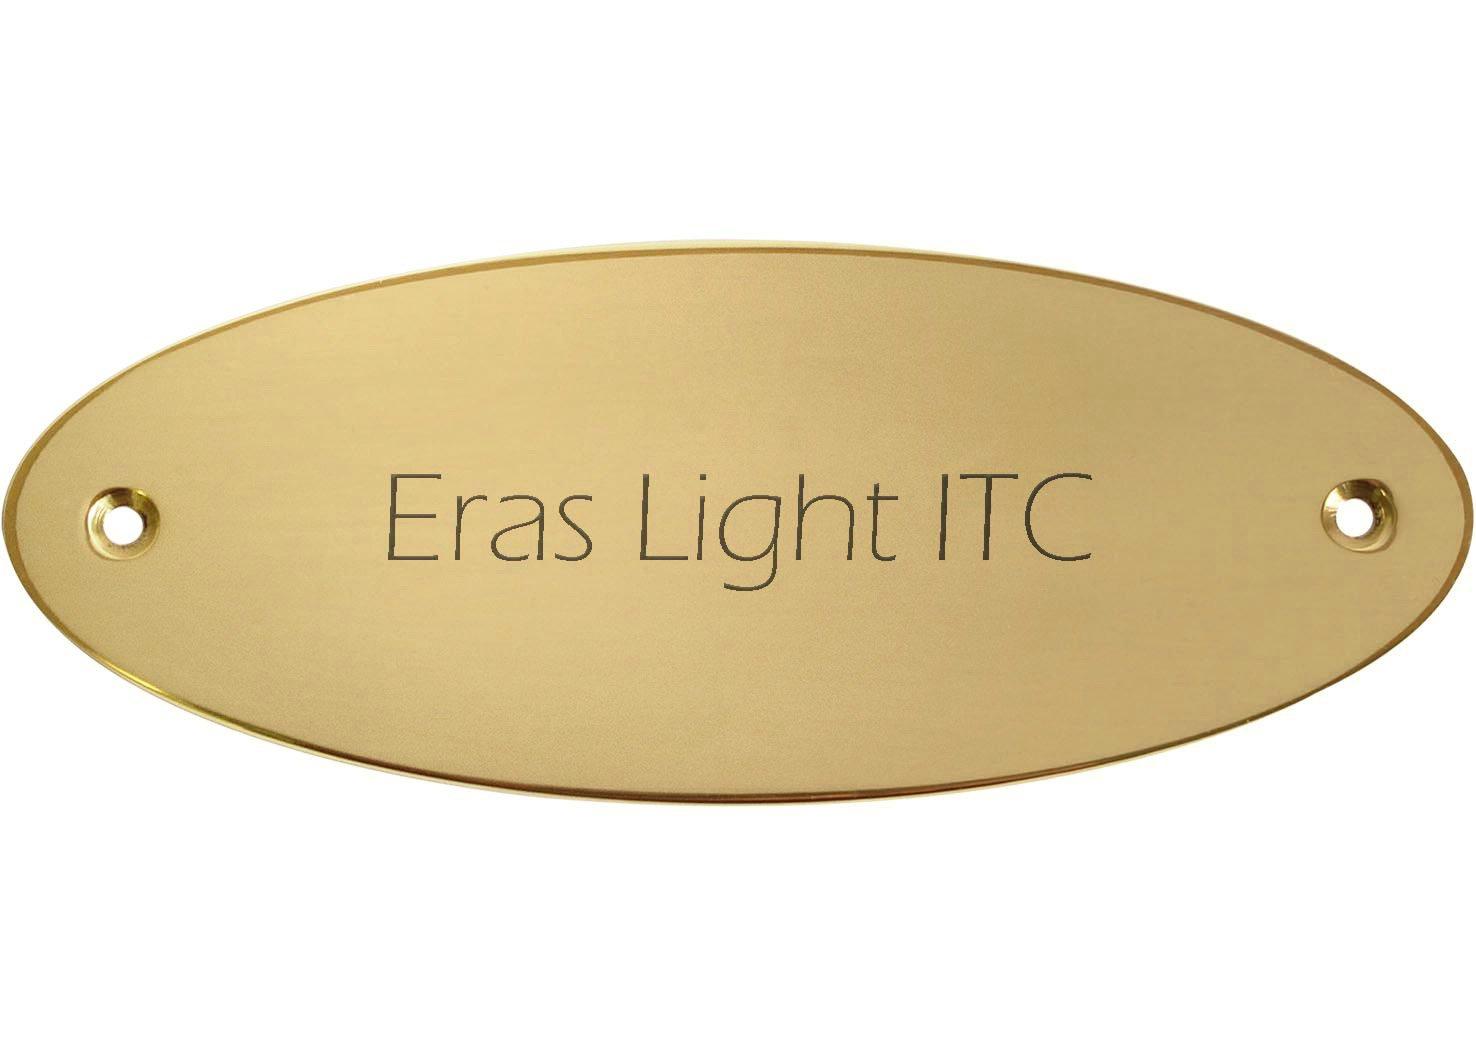 ovale 115 x 45 mm Kopierladen Targa campanello con incisione personalizzata targhetta in ottone di alta qualit/à carattere: Eras Light ITC